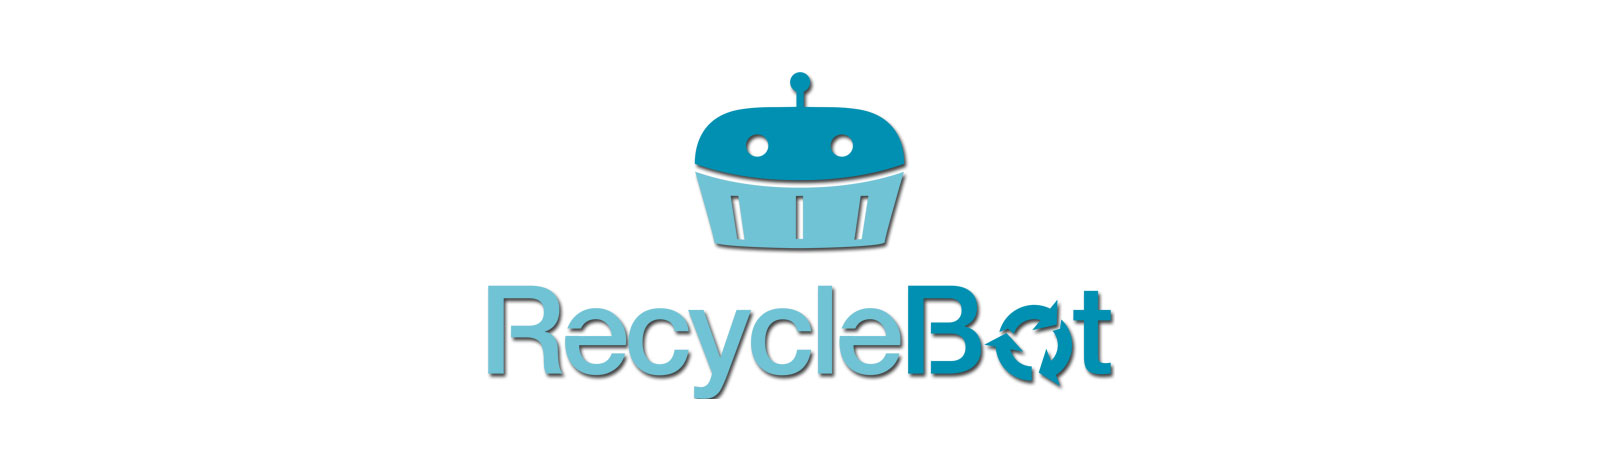 Der RecycleBot will helfen Müll zu sortieren.